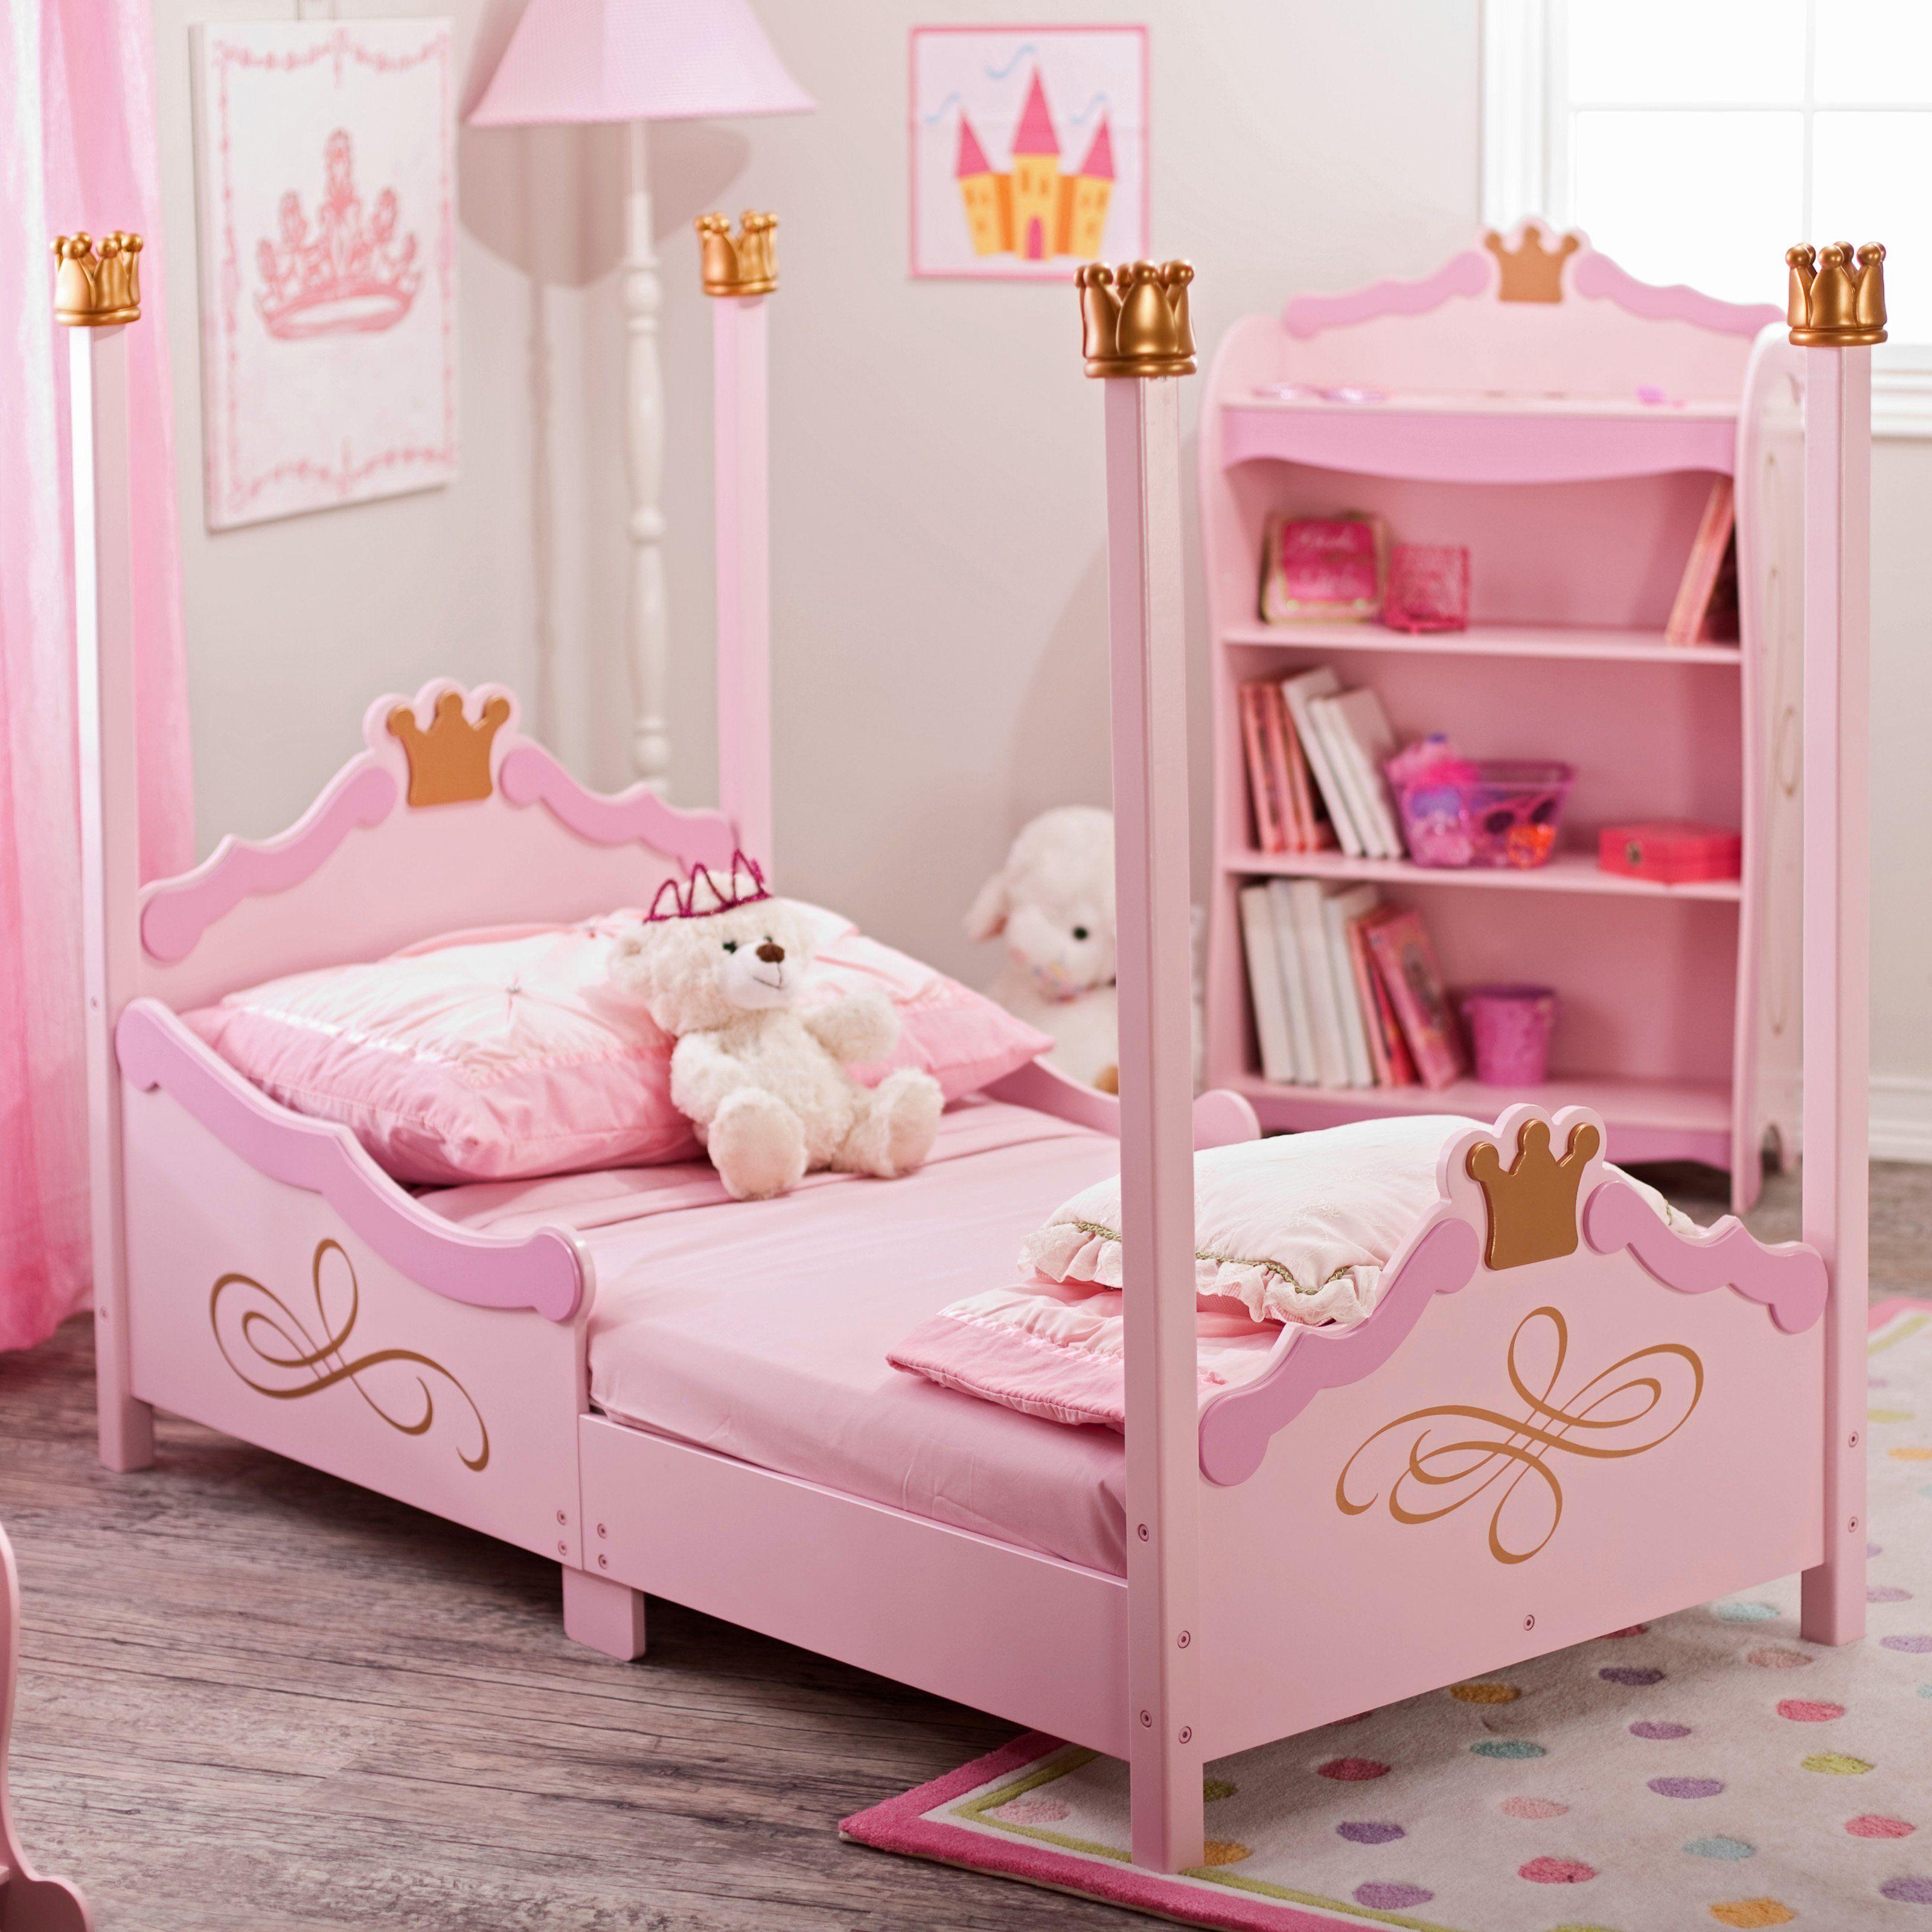 kidkraft princess toddler bed pink